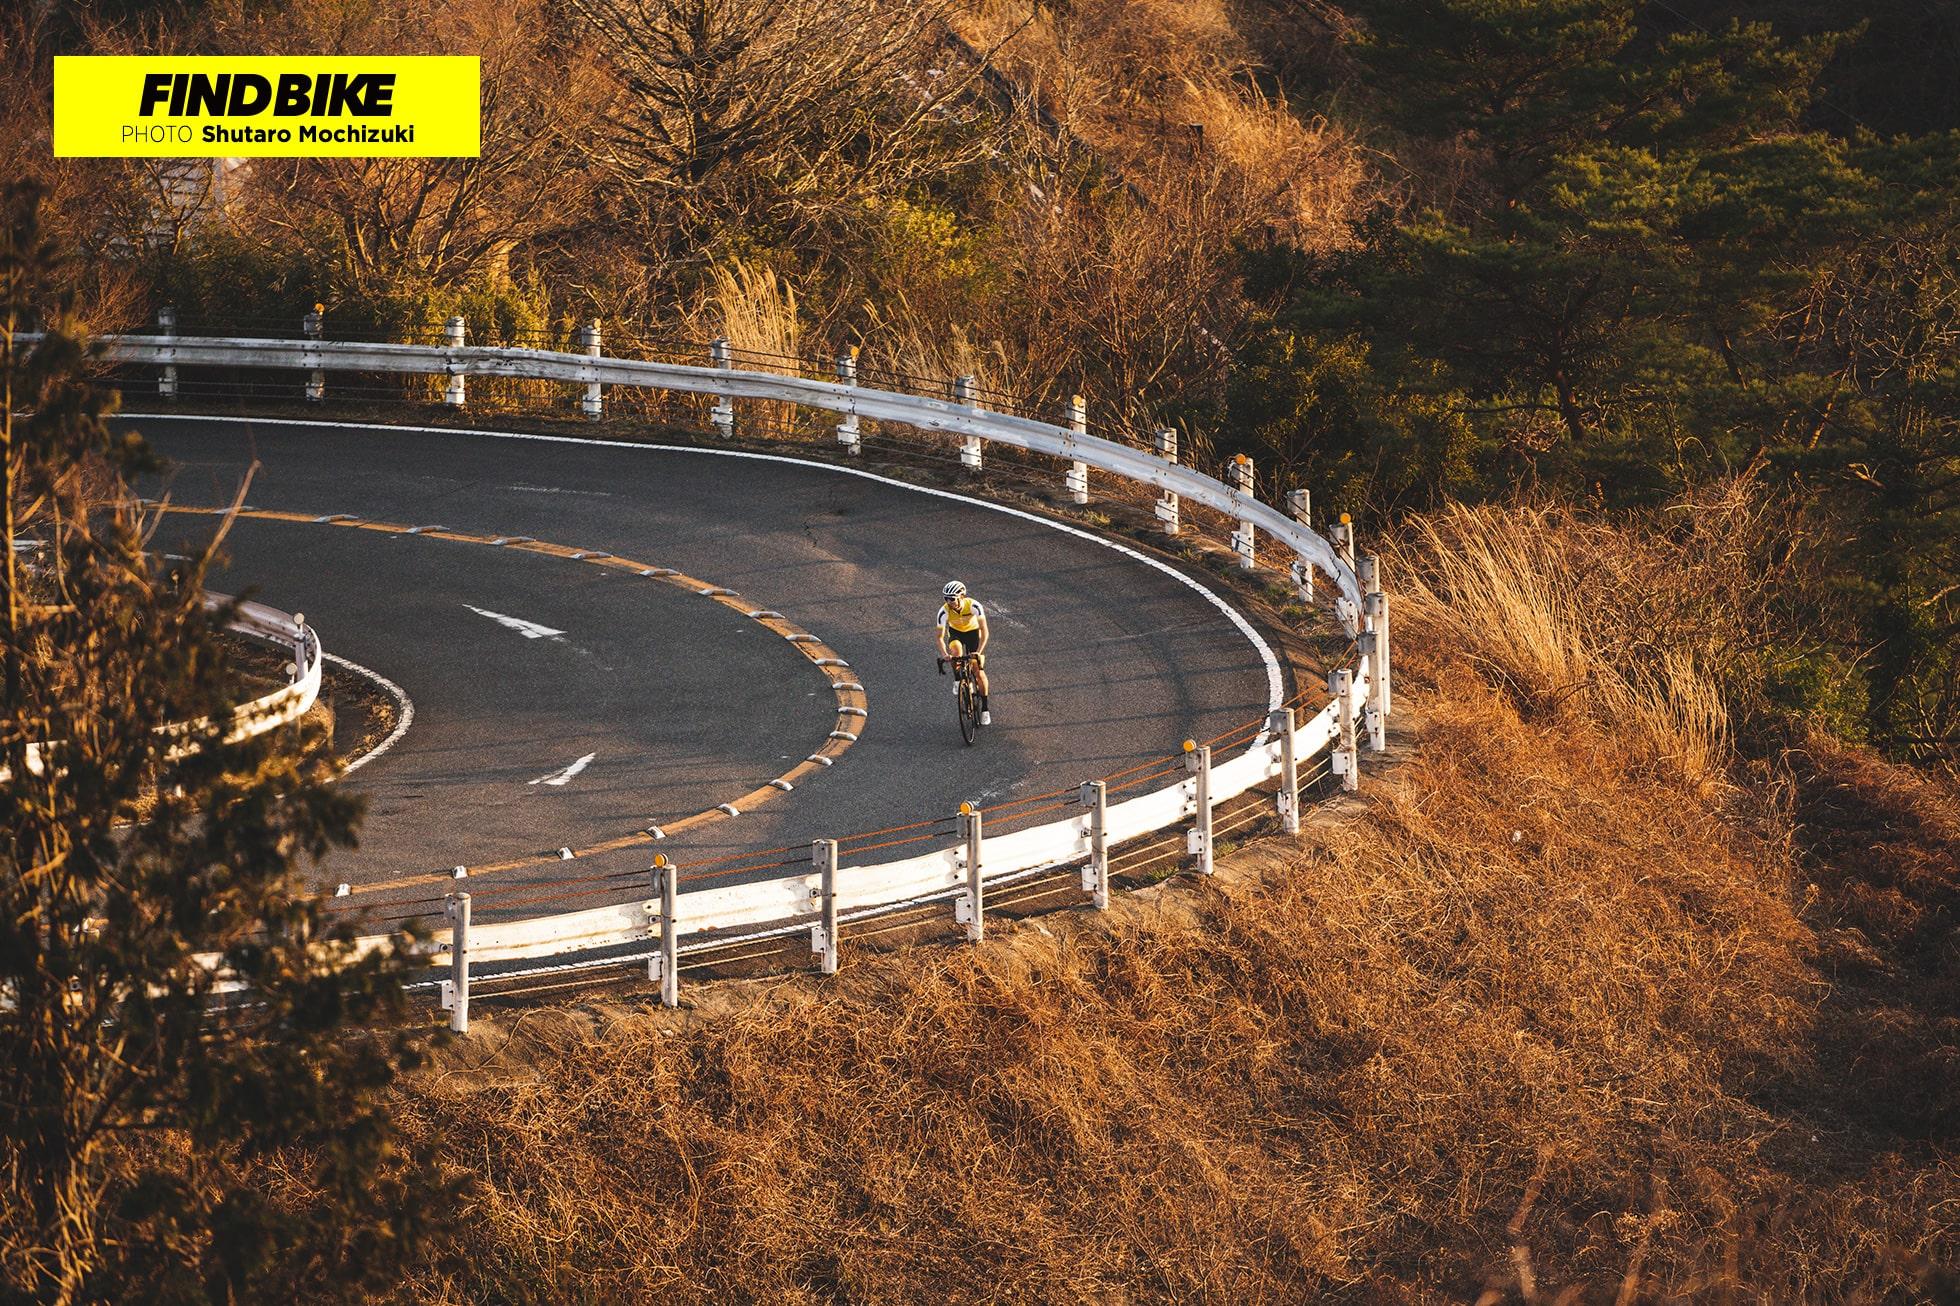 【ロードバイク初心者向け】関東の隠れたおすすめヒルクライムスポット 厳選5つ